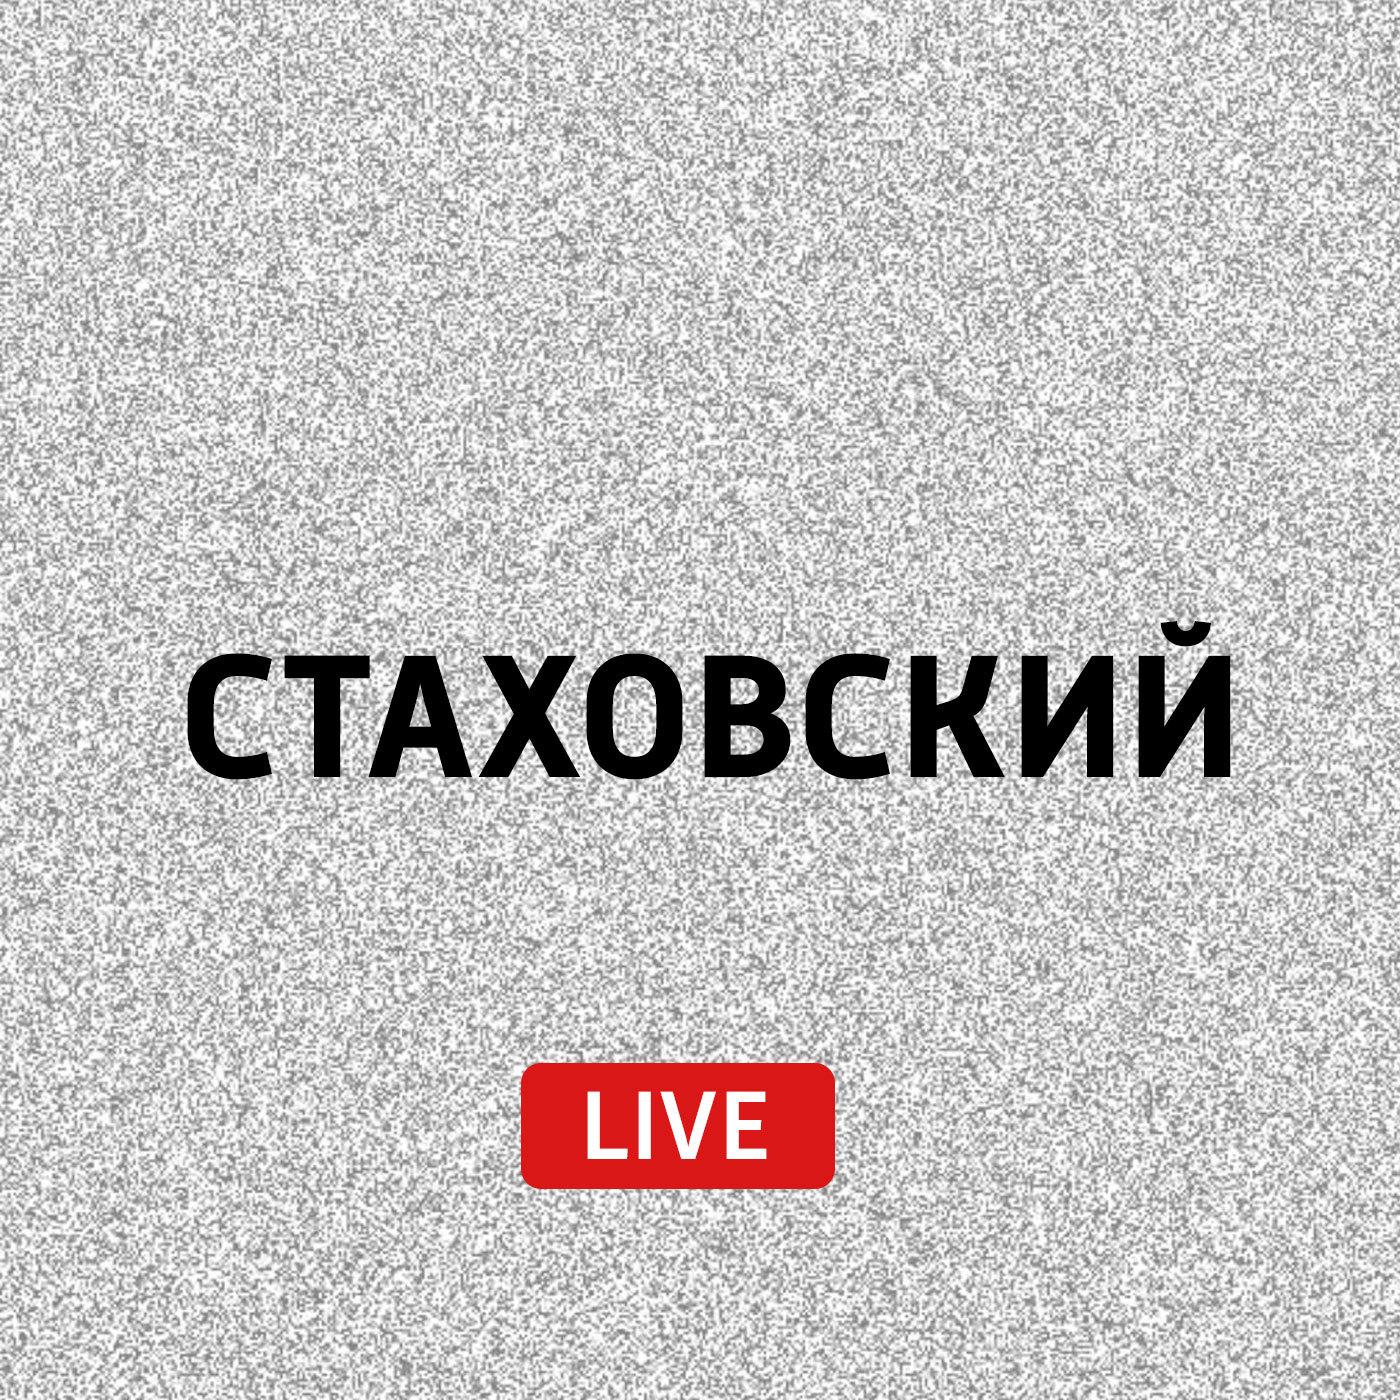 Евгений Стаховский Всемирная паутина евгений юрьевич москвин рассказ о